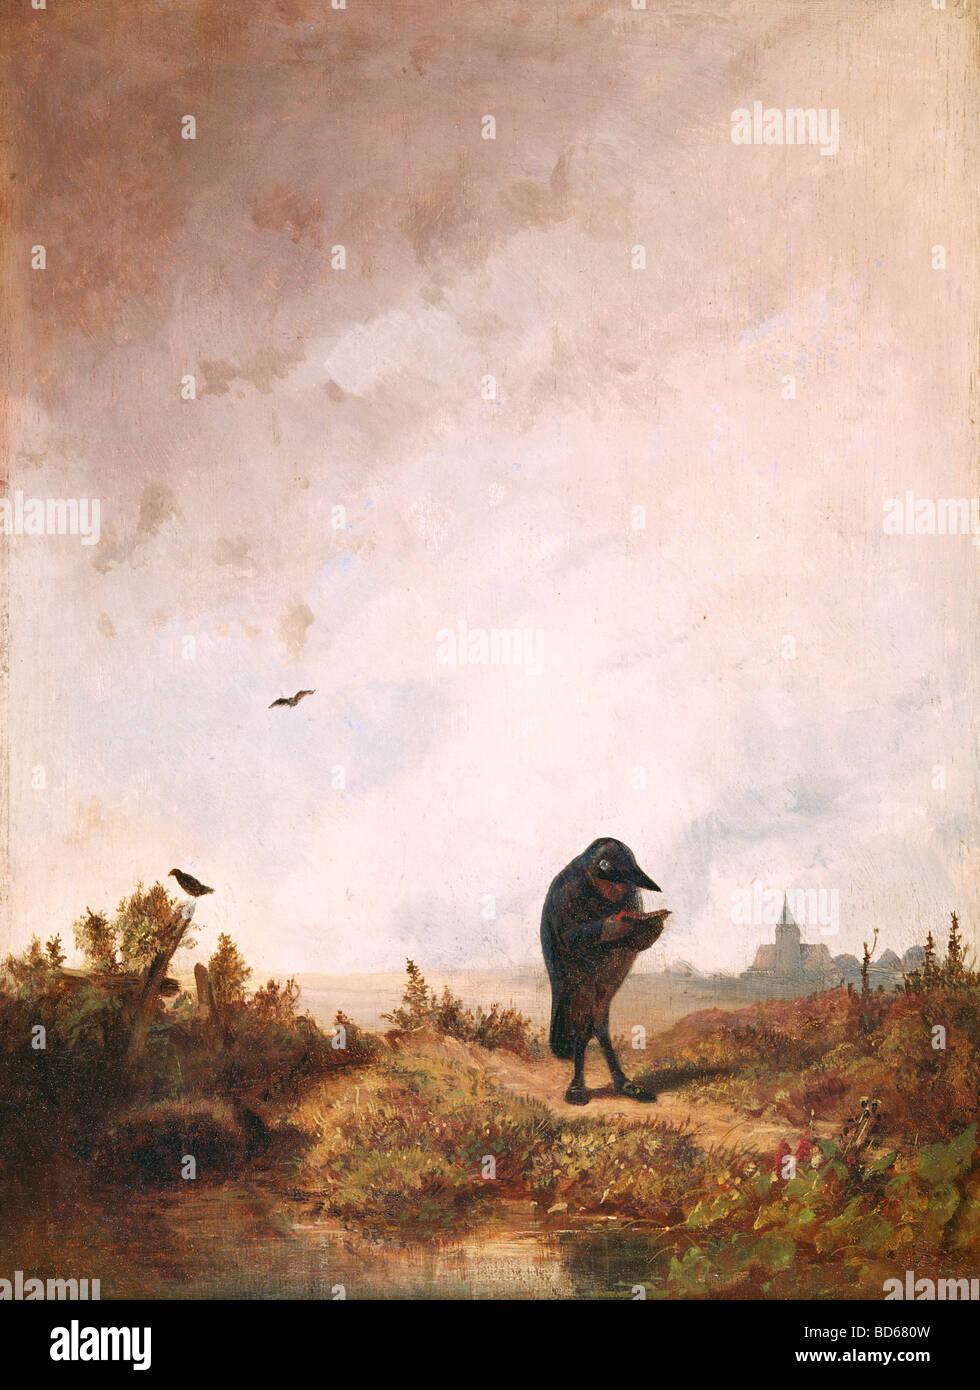 Beaux-arts, Spitzweg, Carl (1808 - 1885), peinture, huile sur bois, 27 cm x 36 cm, vers 1840, Haus der Kunst, Munich, Photo Stock